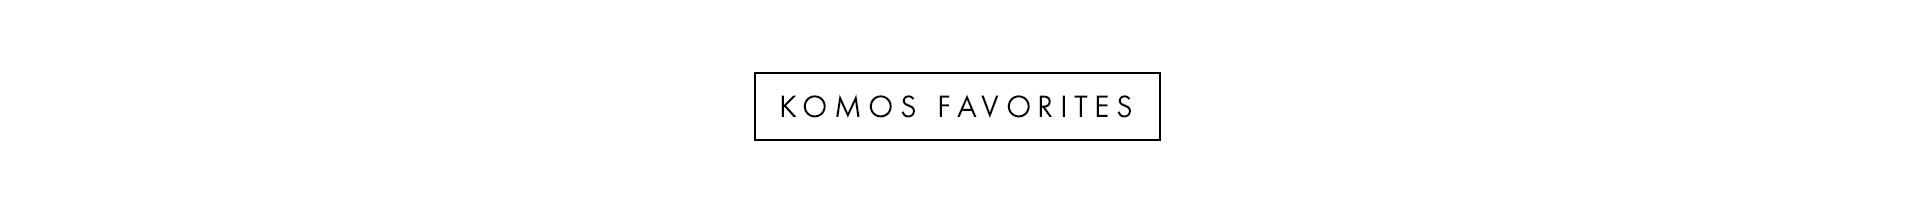 Komo's favorites